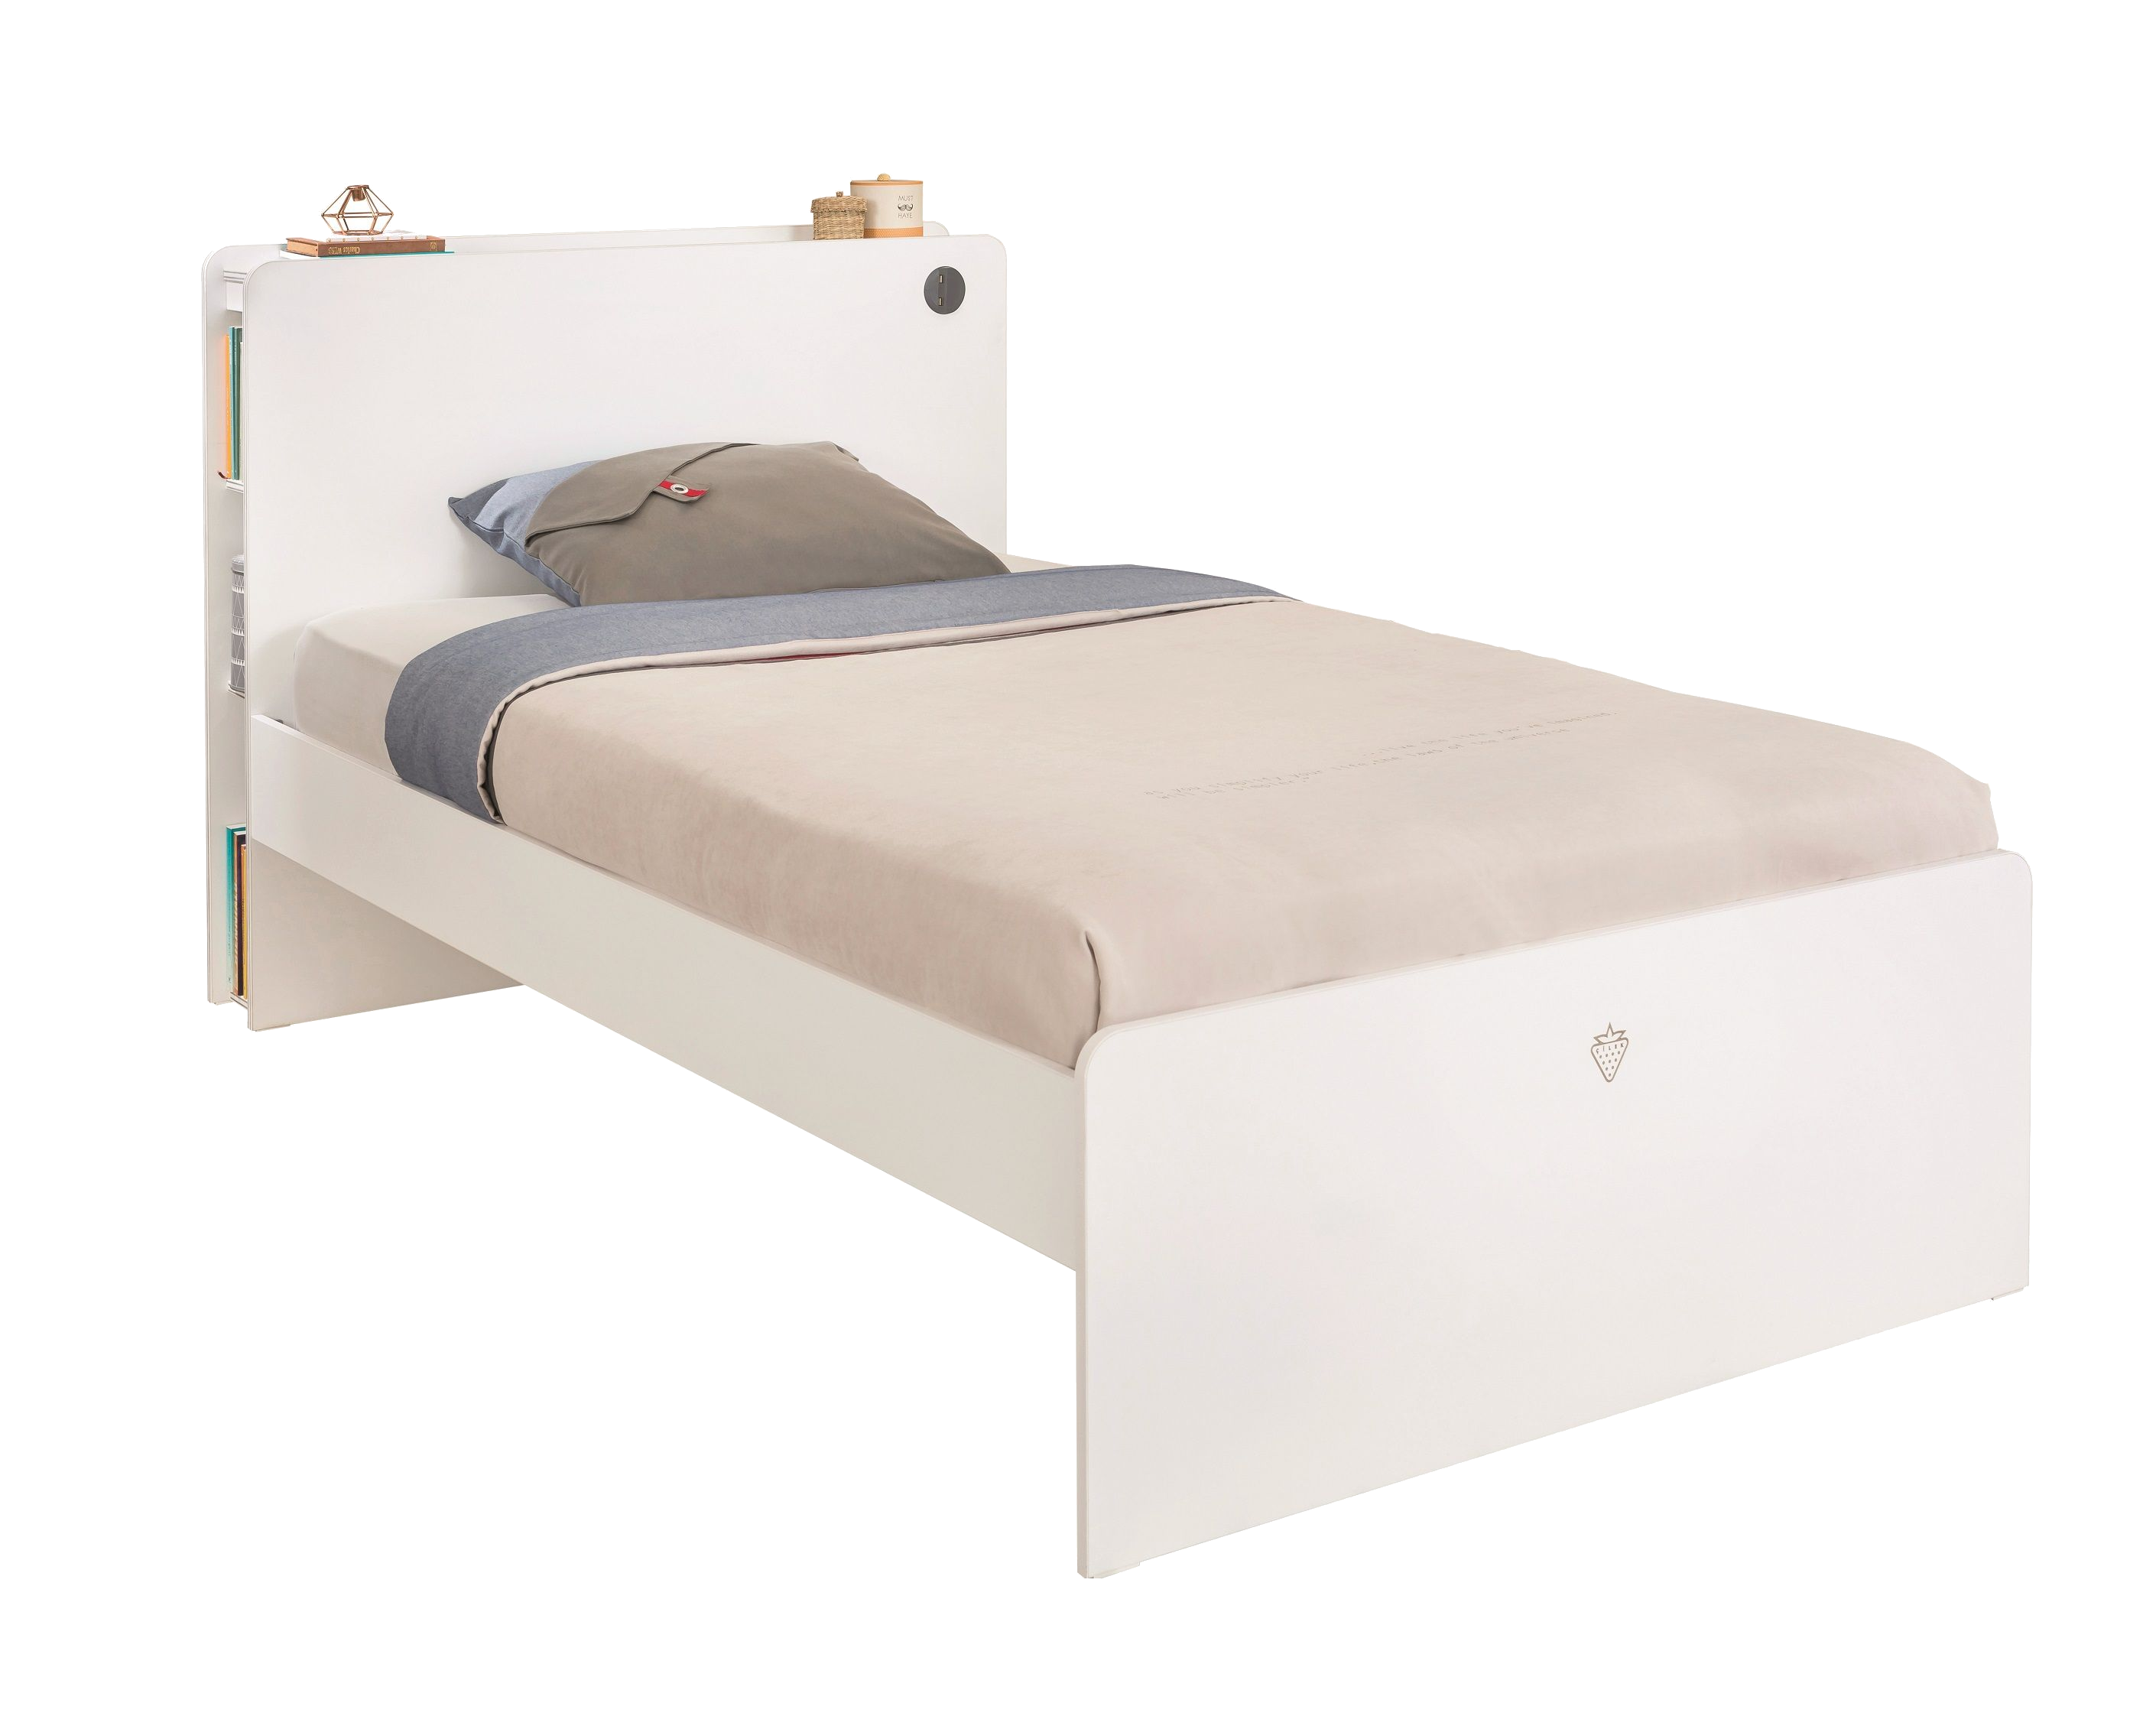 Full Size of Cilek White Bett 120x200 Weiß Betten Mit Bettkasten Matratze Und Lattenrost Wohnzimmer Stauraumbett 120x200